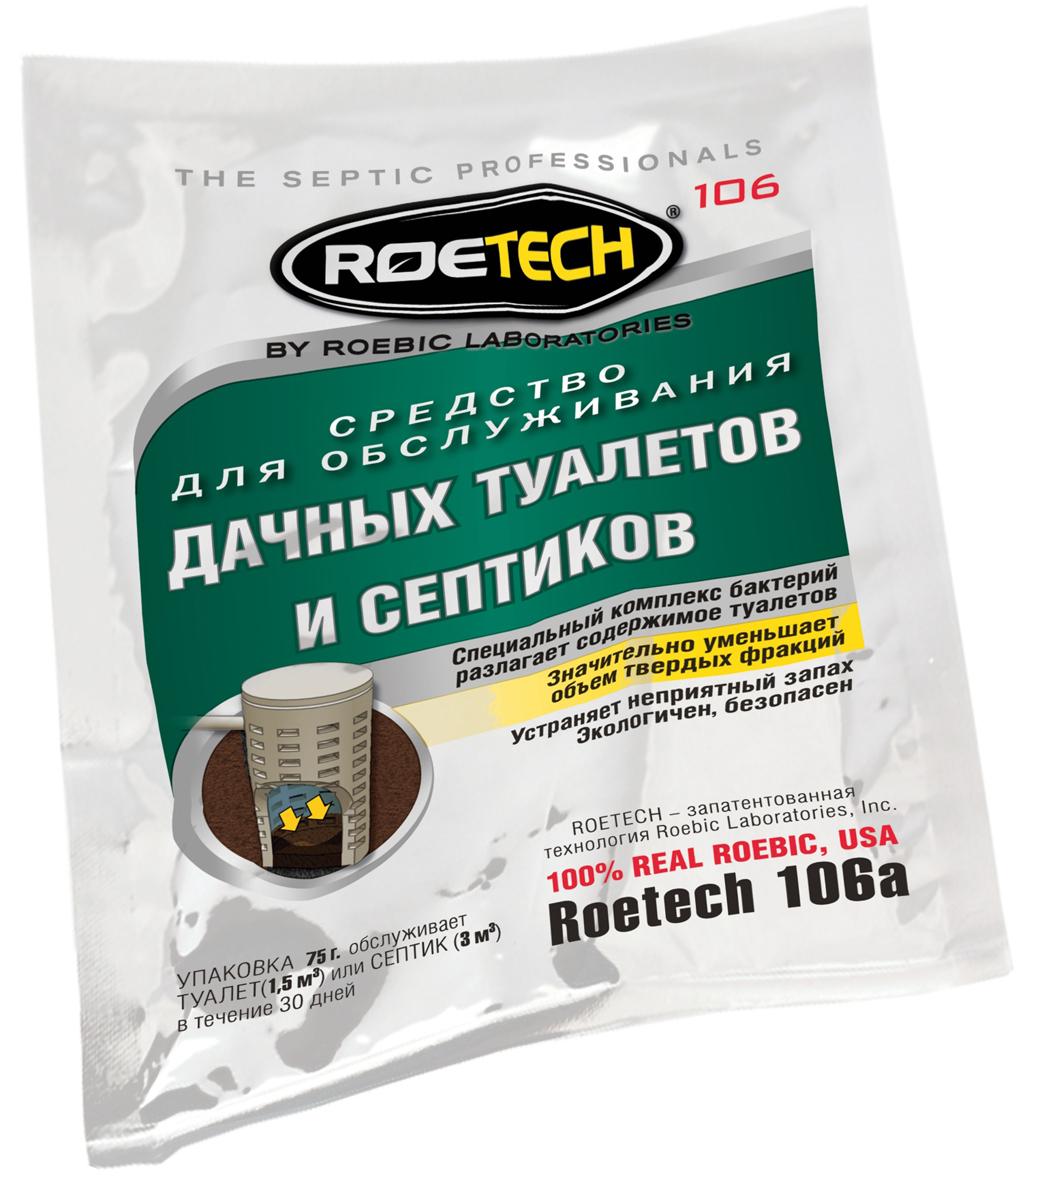 Средство для обслуживания дачных туалетов и септиков Roetech, 75 г106аДоступное и мощное средство для разложения содержимого выгребных ям туалетов и септиков. Значительно уменьшает объем твердых фракций. Устраняет неприятный запах. Экологичен, безопасен. Пакет 75 г. обслуживает туалет (1,5 м3) или септик (3 м3) в течение 30 дн. Состав: смесь бактерий и ферментов бактериального происхождения, порошок.